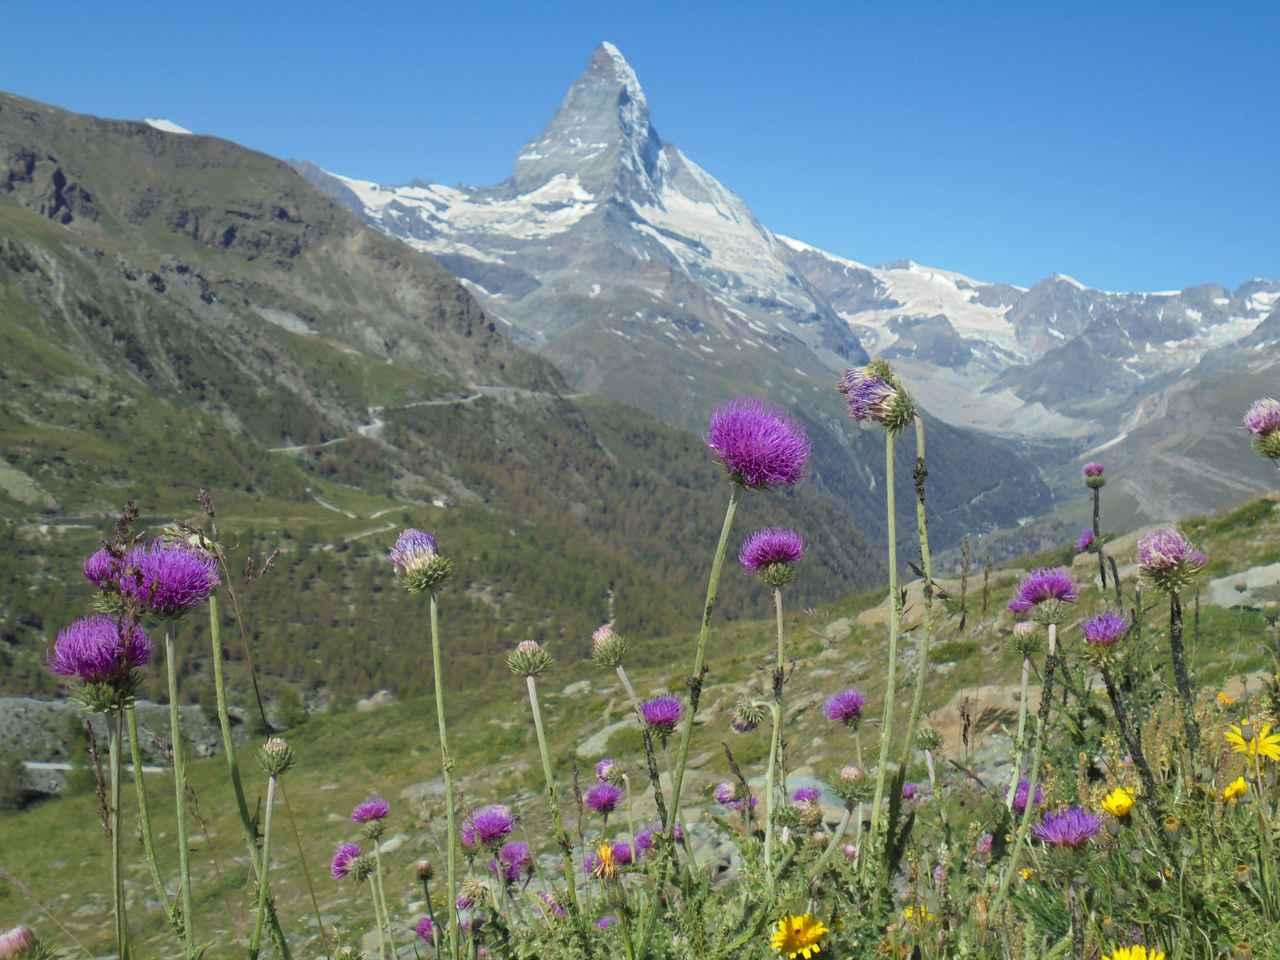 画像: マッターホルンと色とりどりの高山植物(弊社スタッフ撮影※諸条件によりご覧いただけない場合があります)